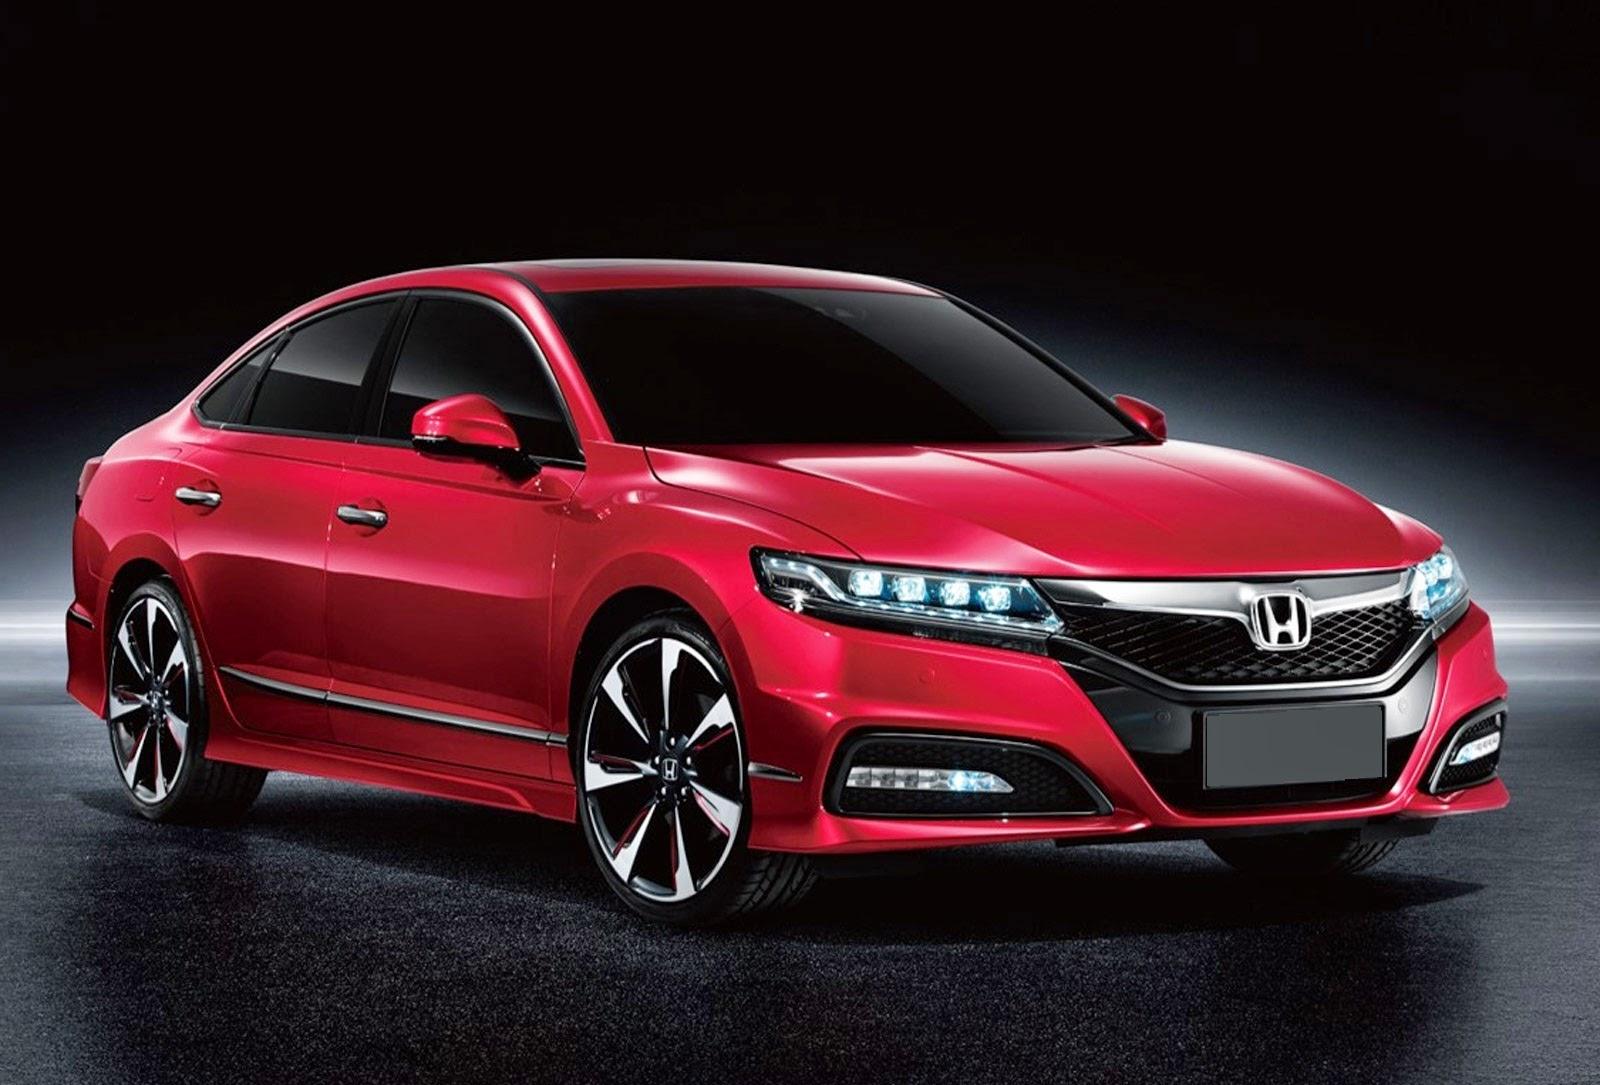 New Honda Spirior Concept | Car Reviews | New Car Pictures for 2018, 2019